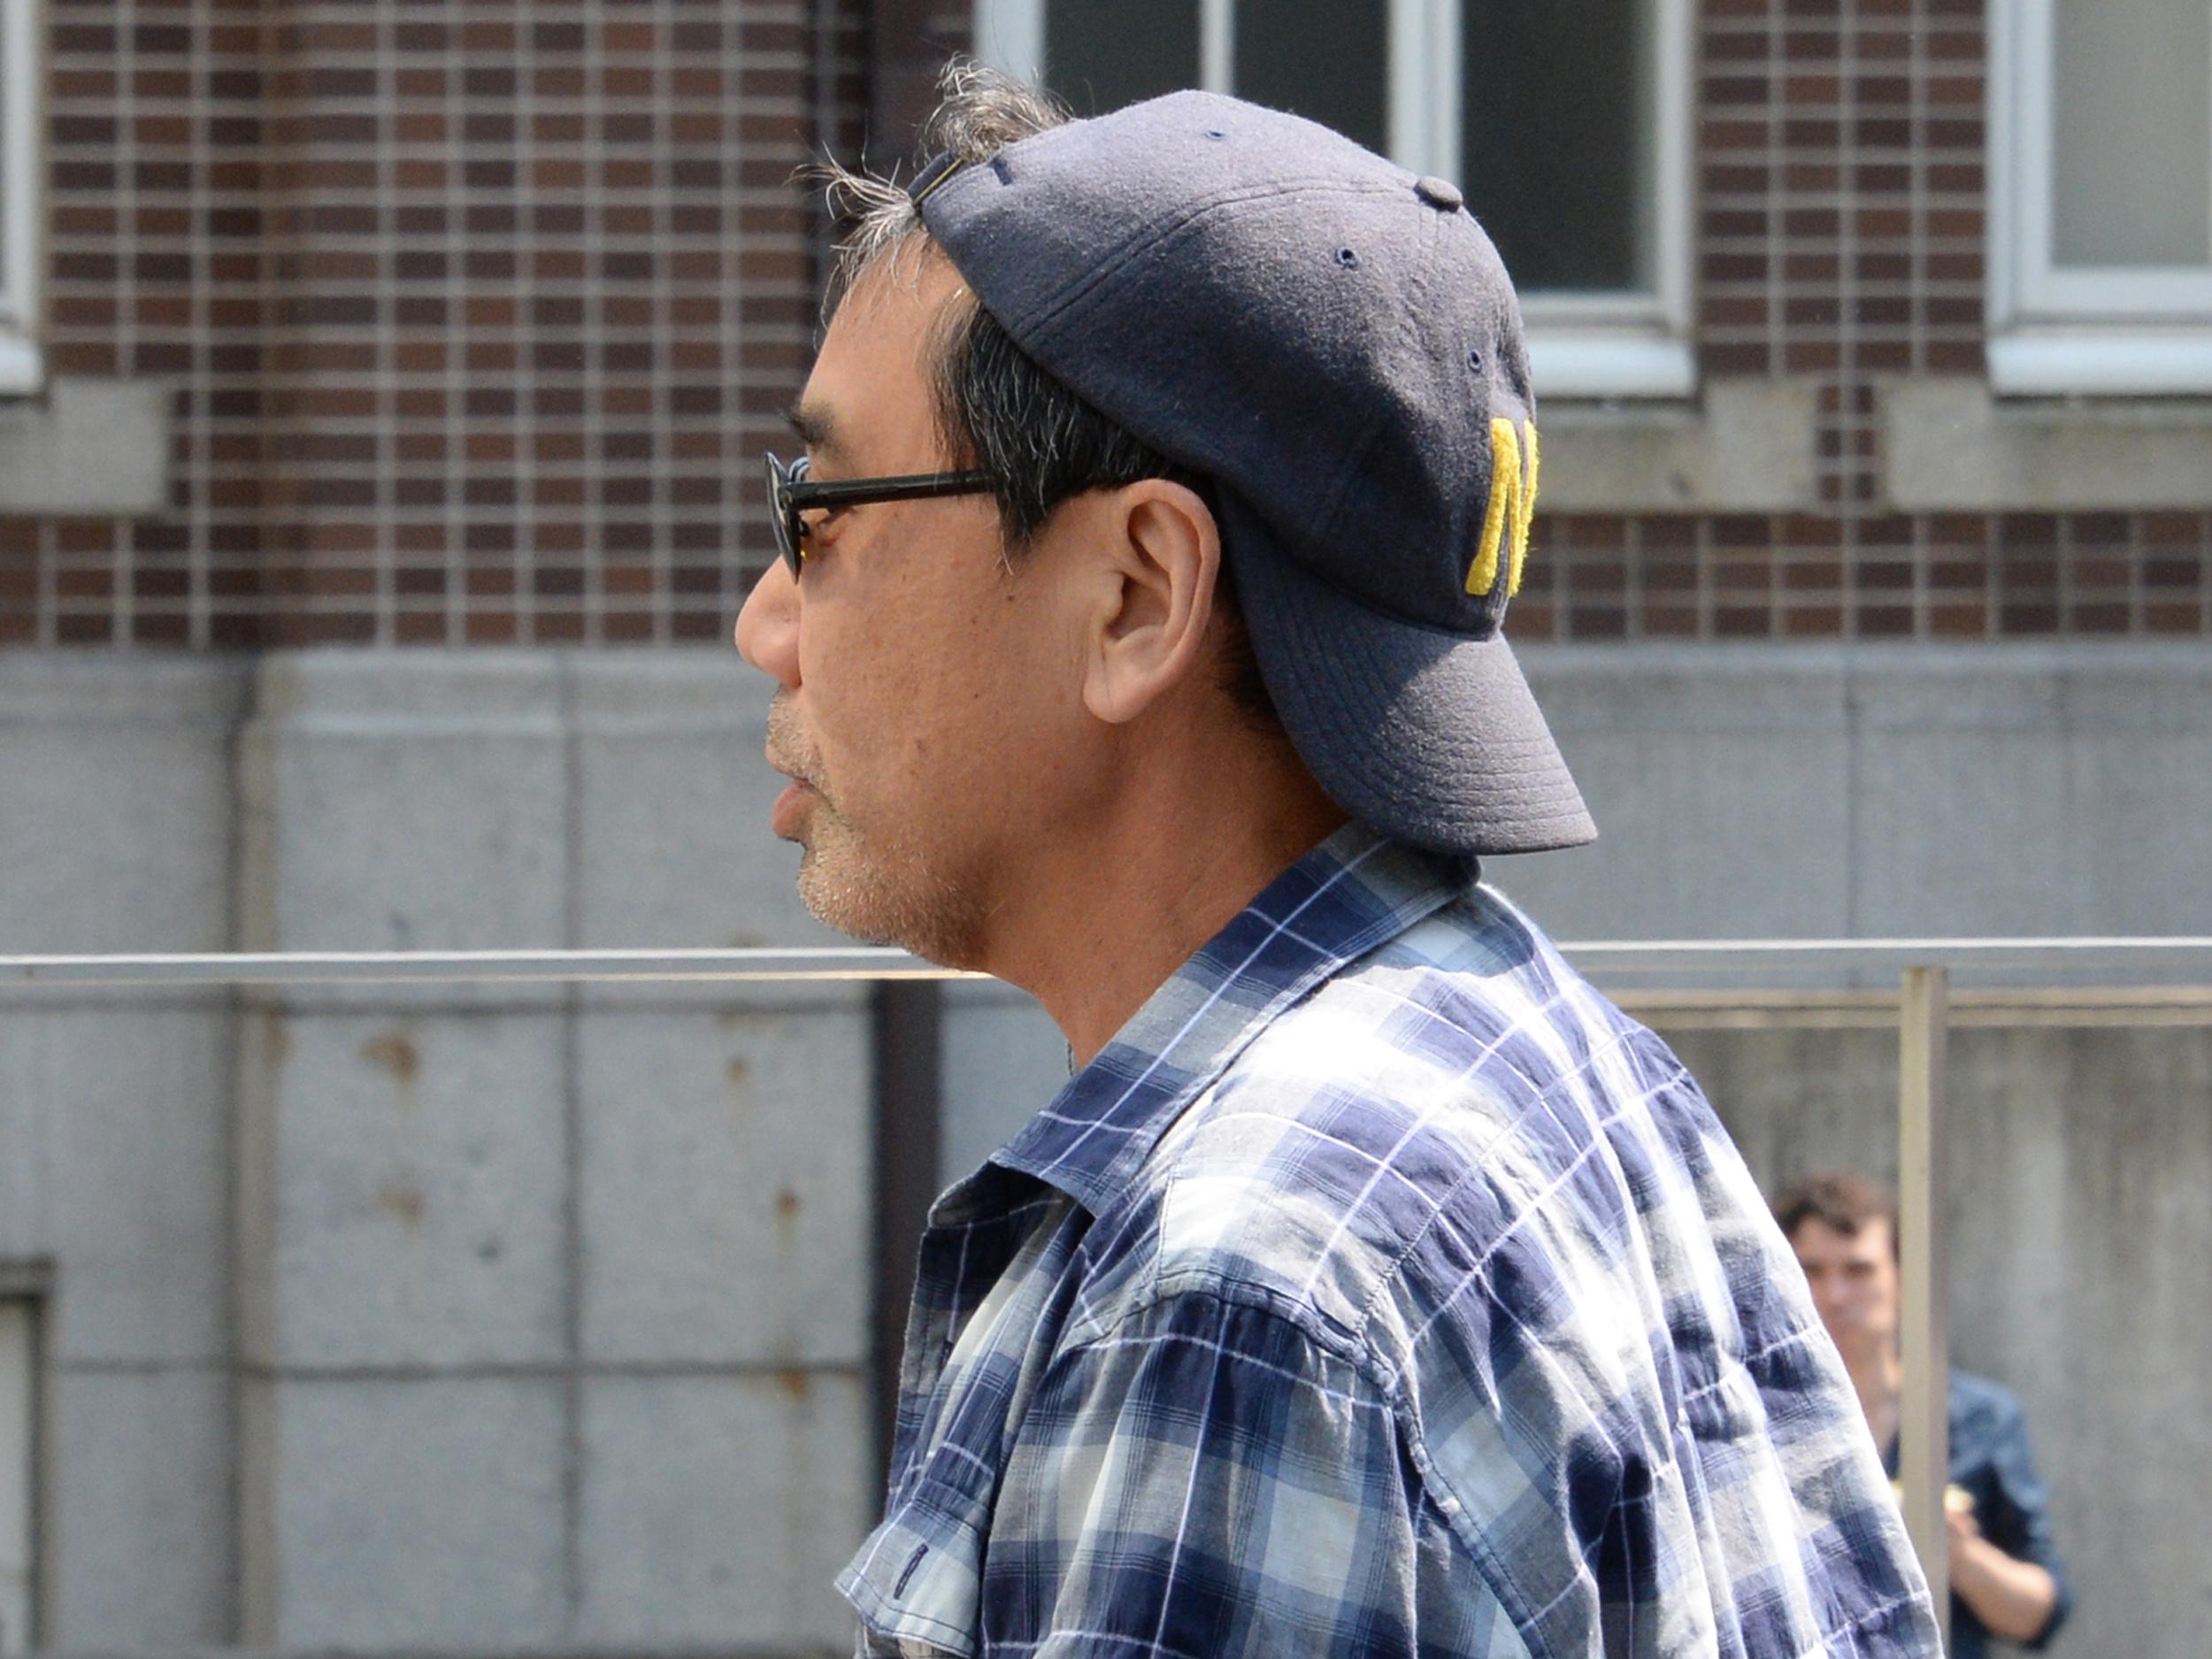 Book News: New Haruki Murakami Book Coming Out In December